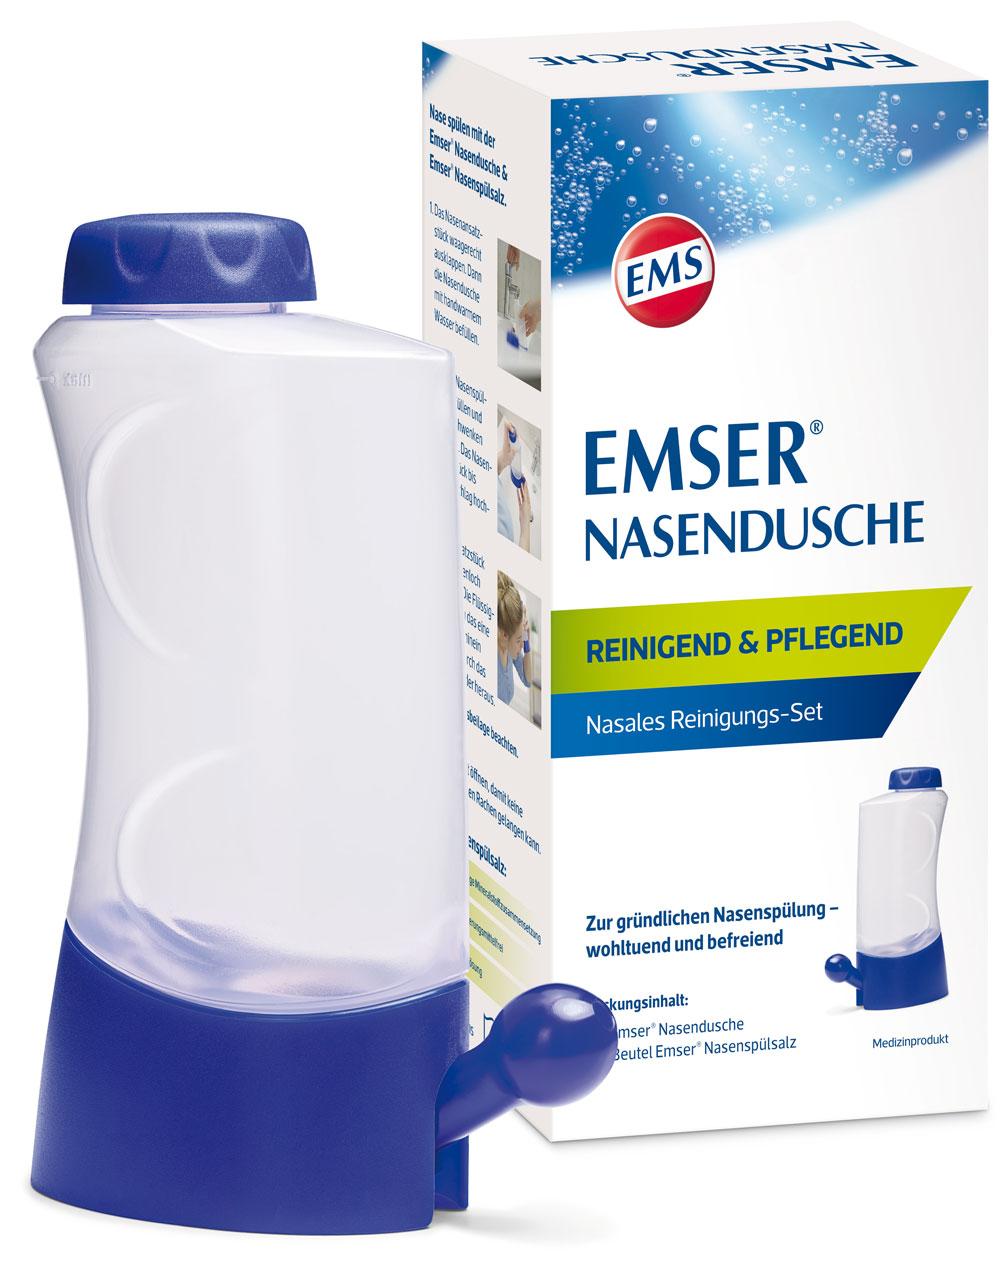 Nasales Reinigungsset von Emser mit Nasenspülsalz und Nasendusche.